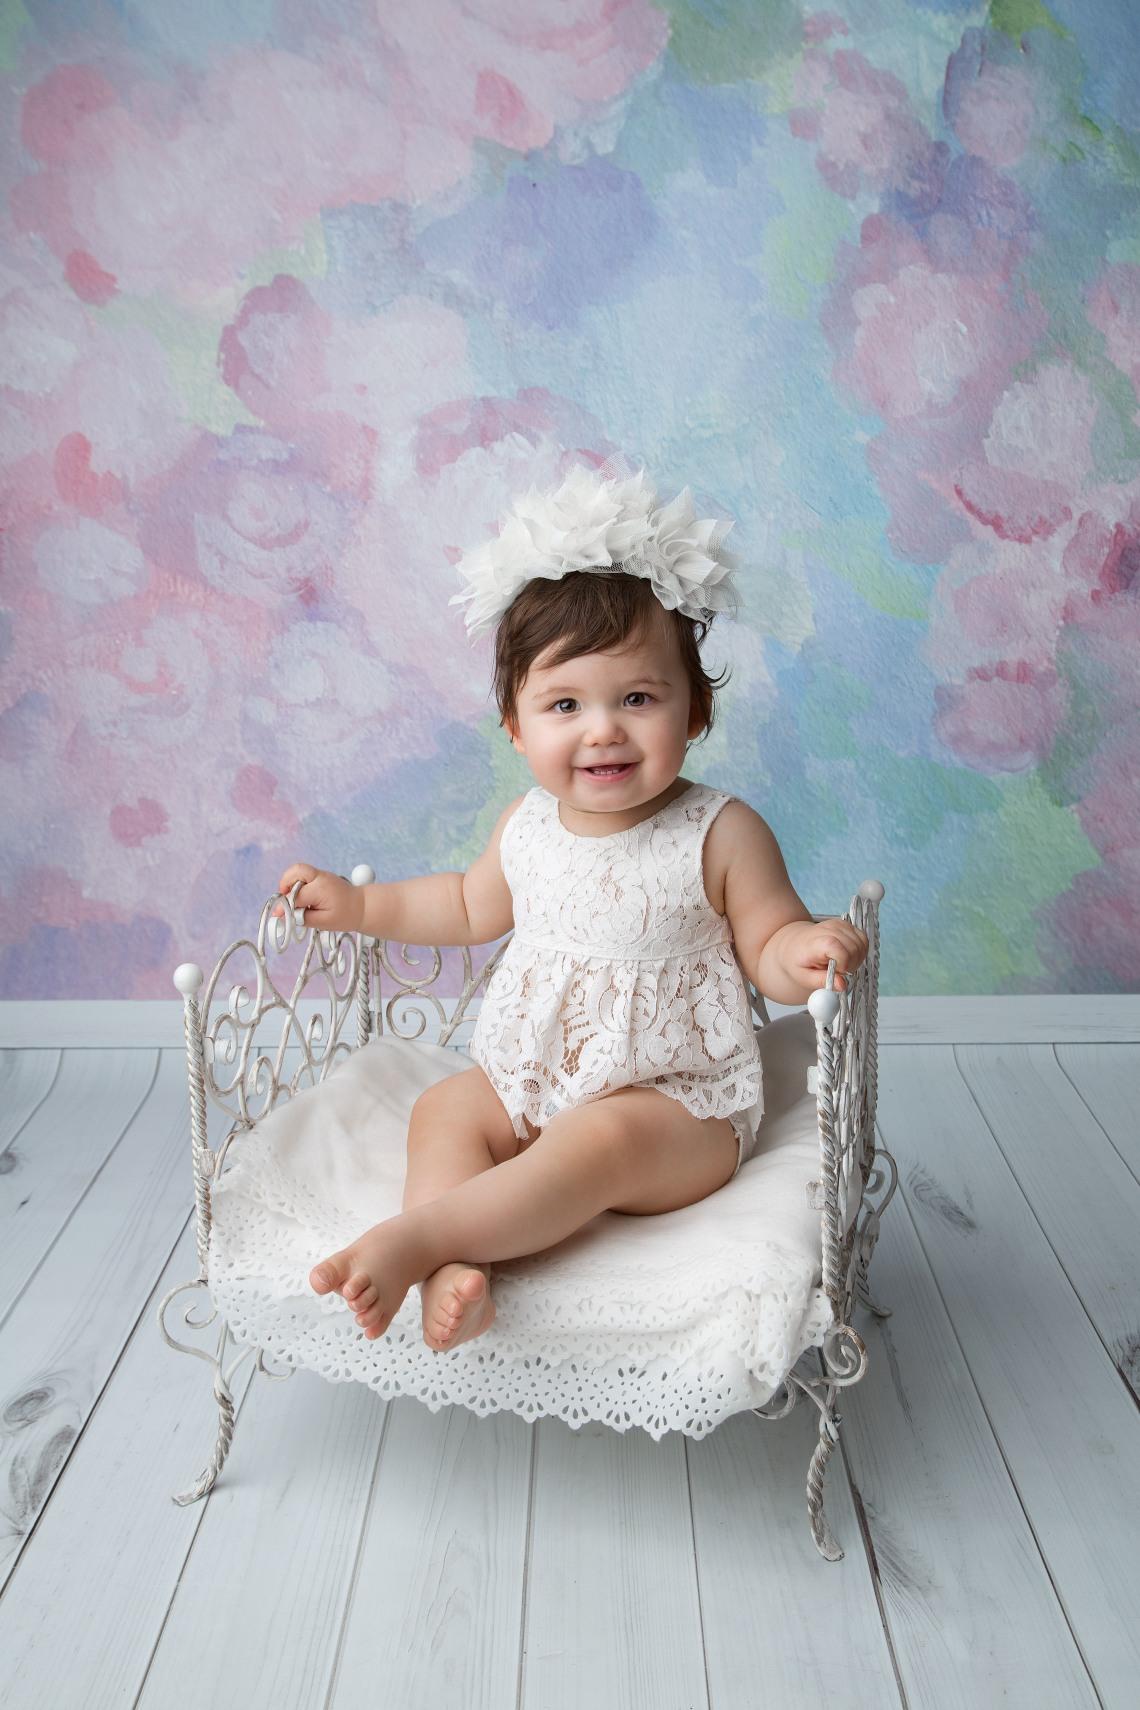 ettårsfotografering-ettår-1årsfotografering-babyfotografering-barnfotograf-oslo